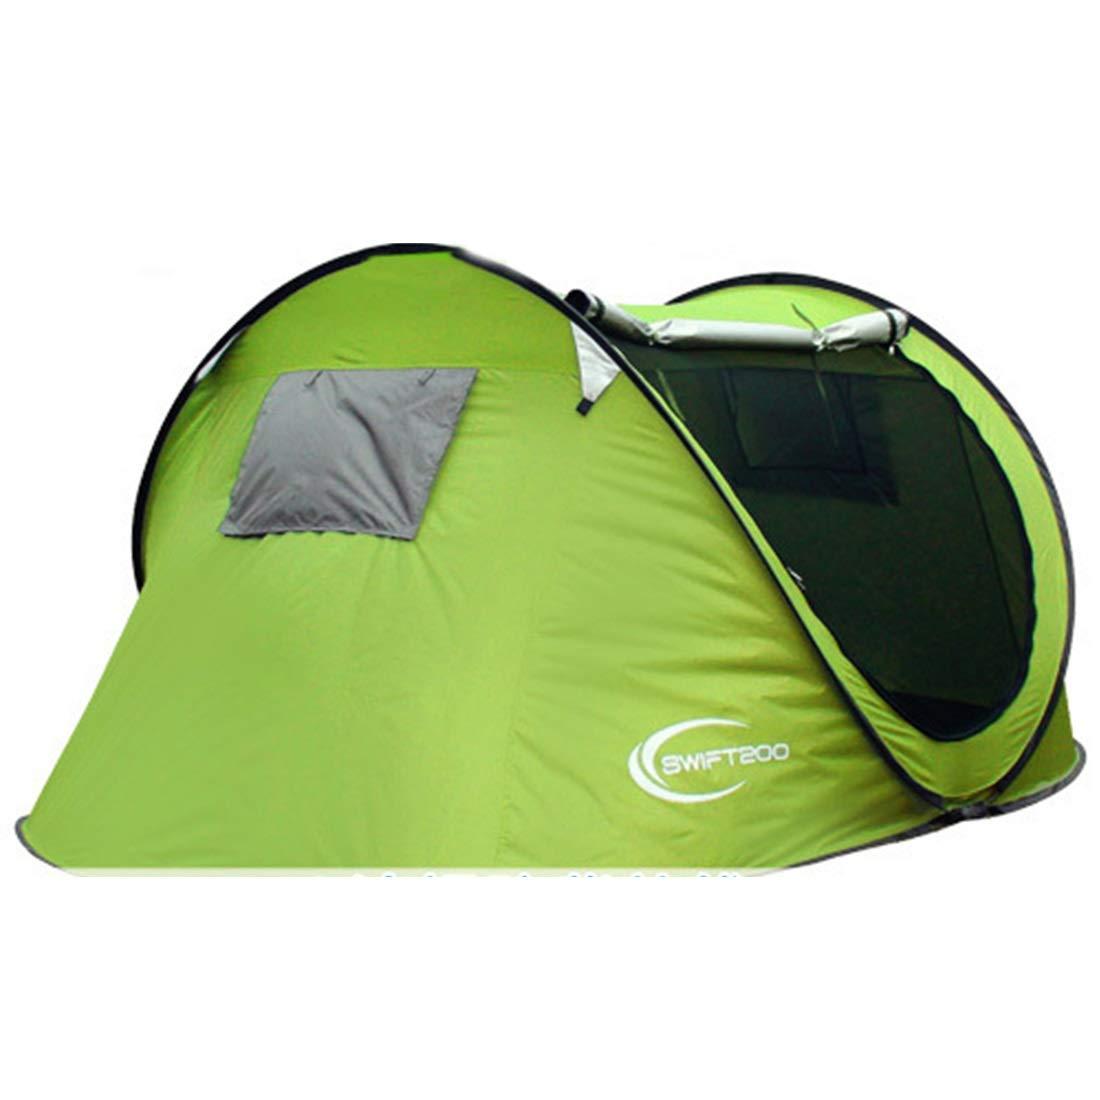 Ploekgda 4 Personen oder 3 Personen automatische Zelt für Outdoor Camping (blau) (Farbe : Grün)